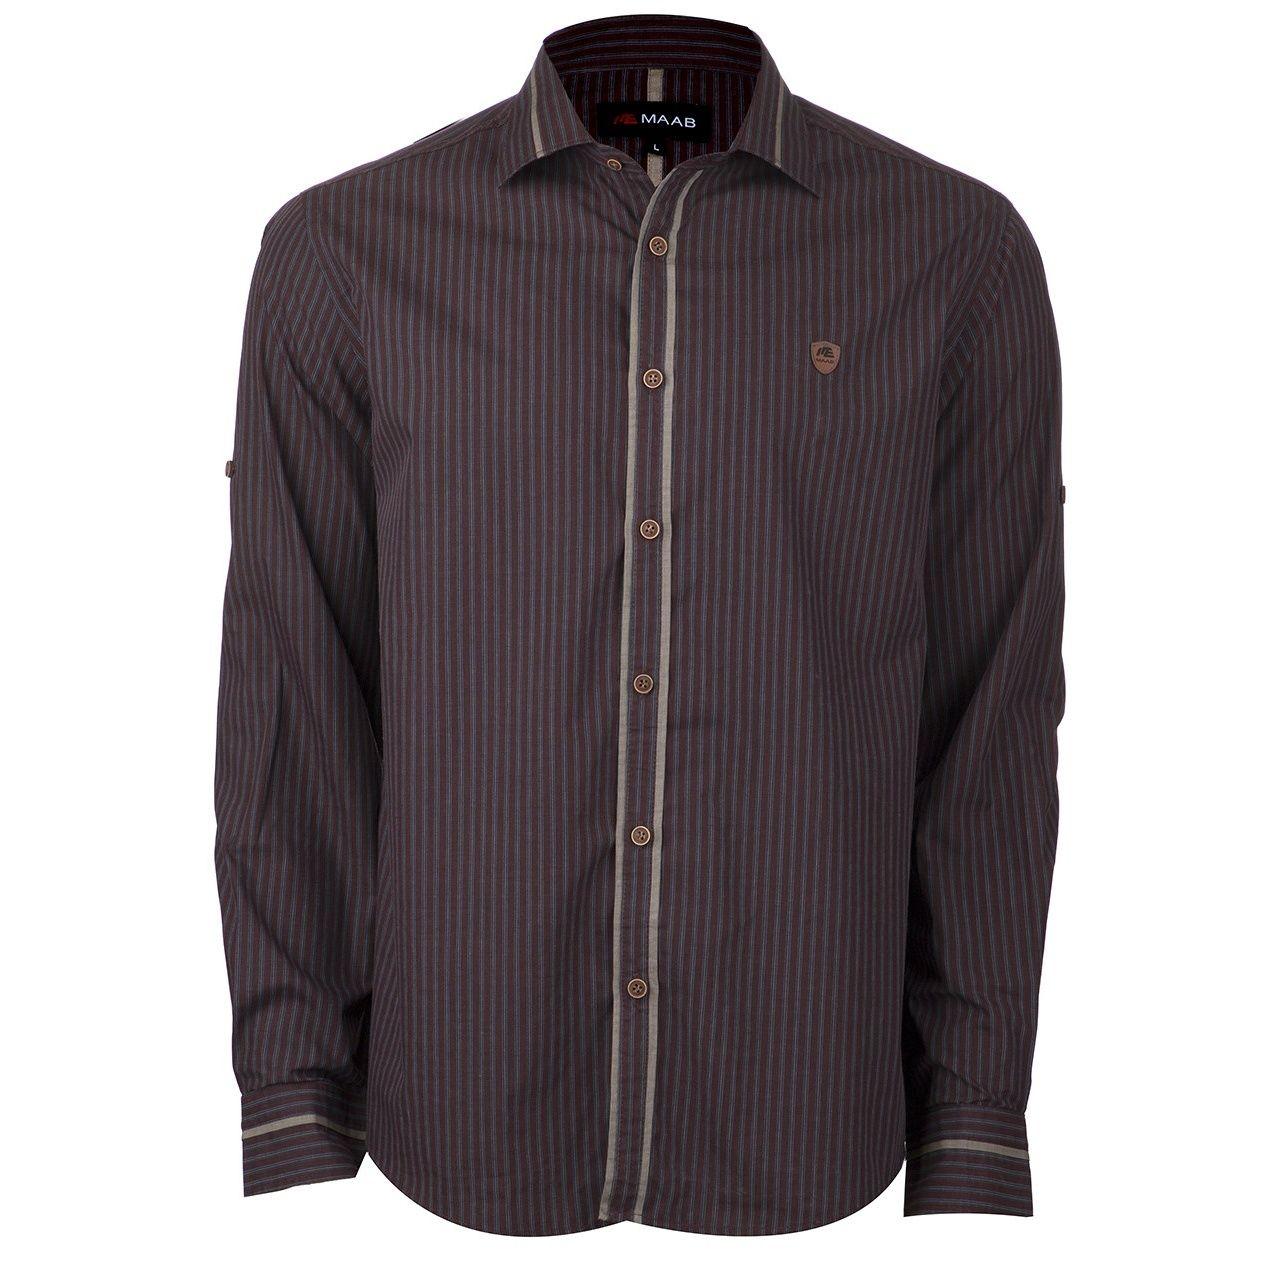 پیراهن آستین بلند مردانه ماب مدل 0091/01 -  - 1